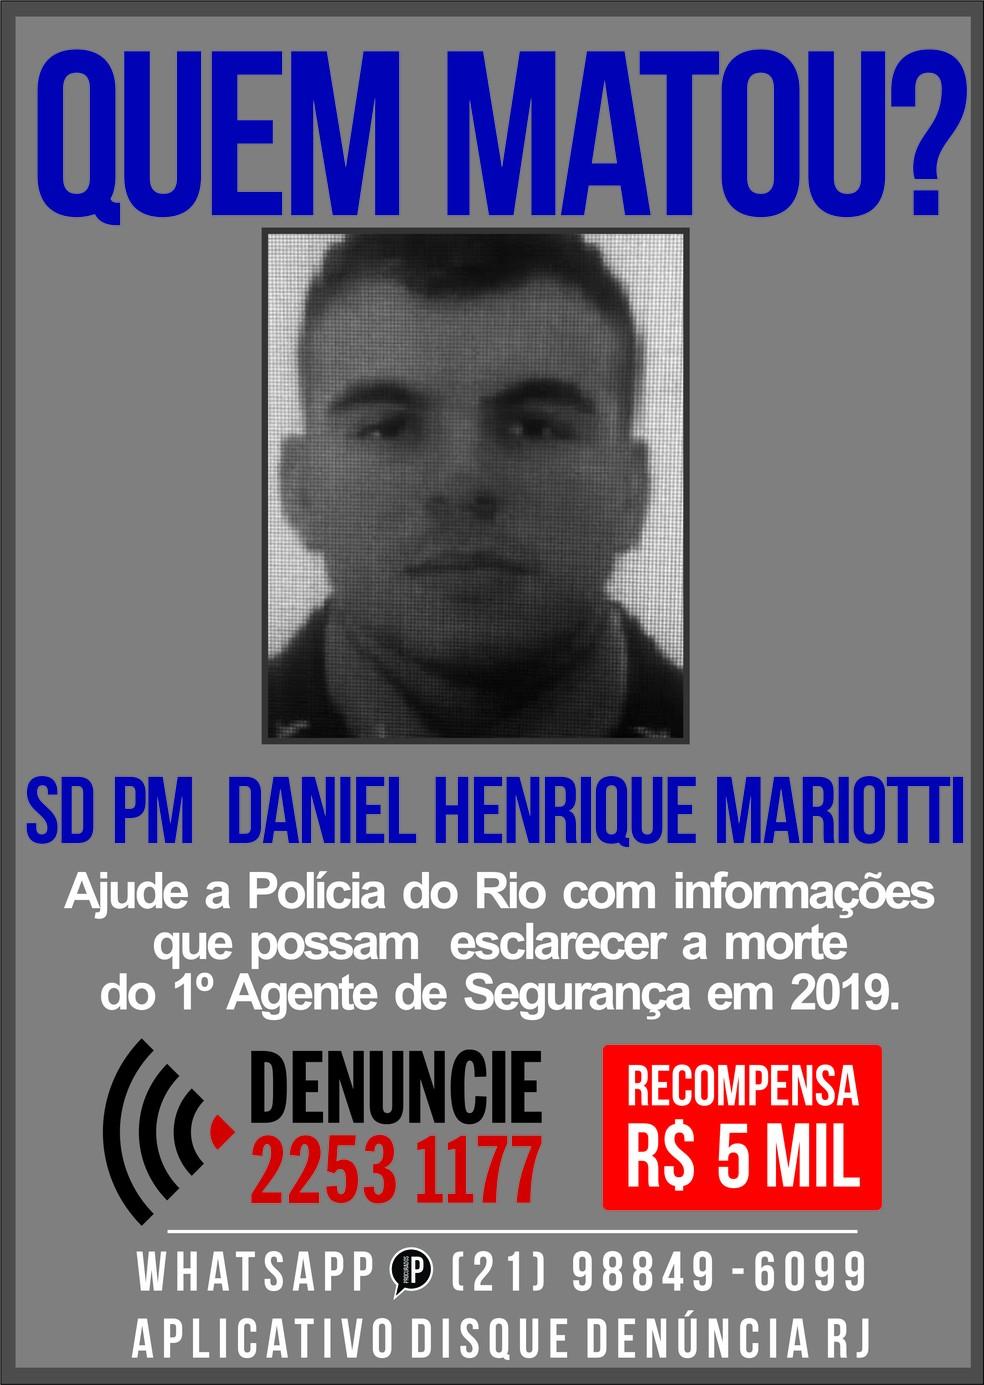 Cartaz do Disque Denúncia pede informações sobre assassinos de PM no Rio — Foto: Reprodução/Disque Denúncia